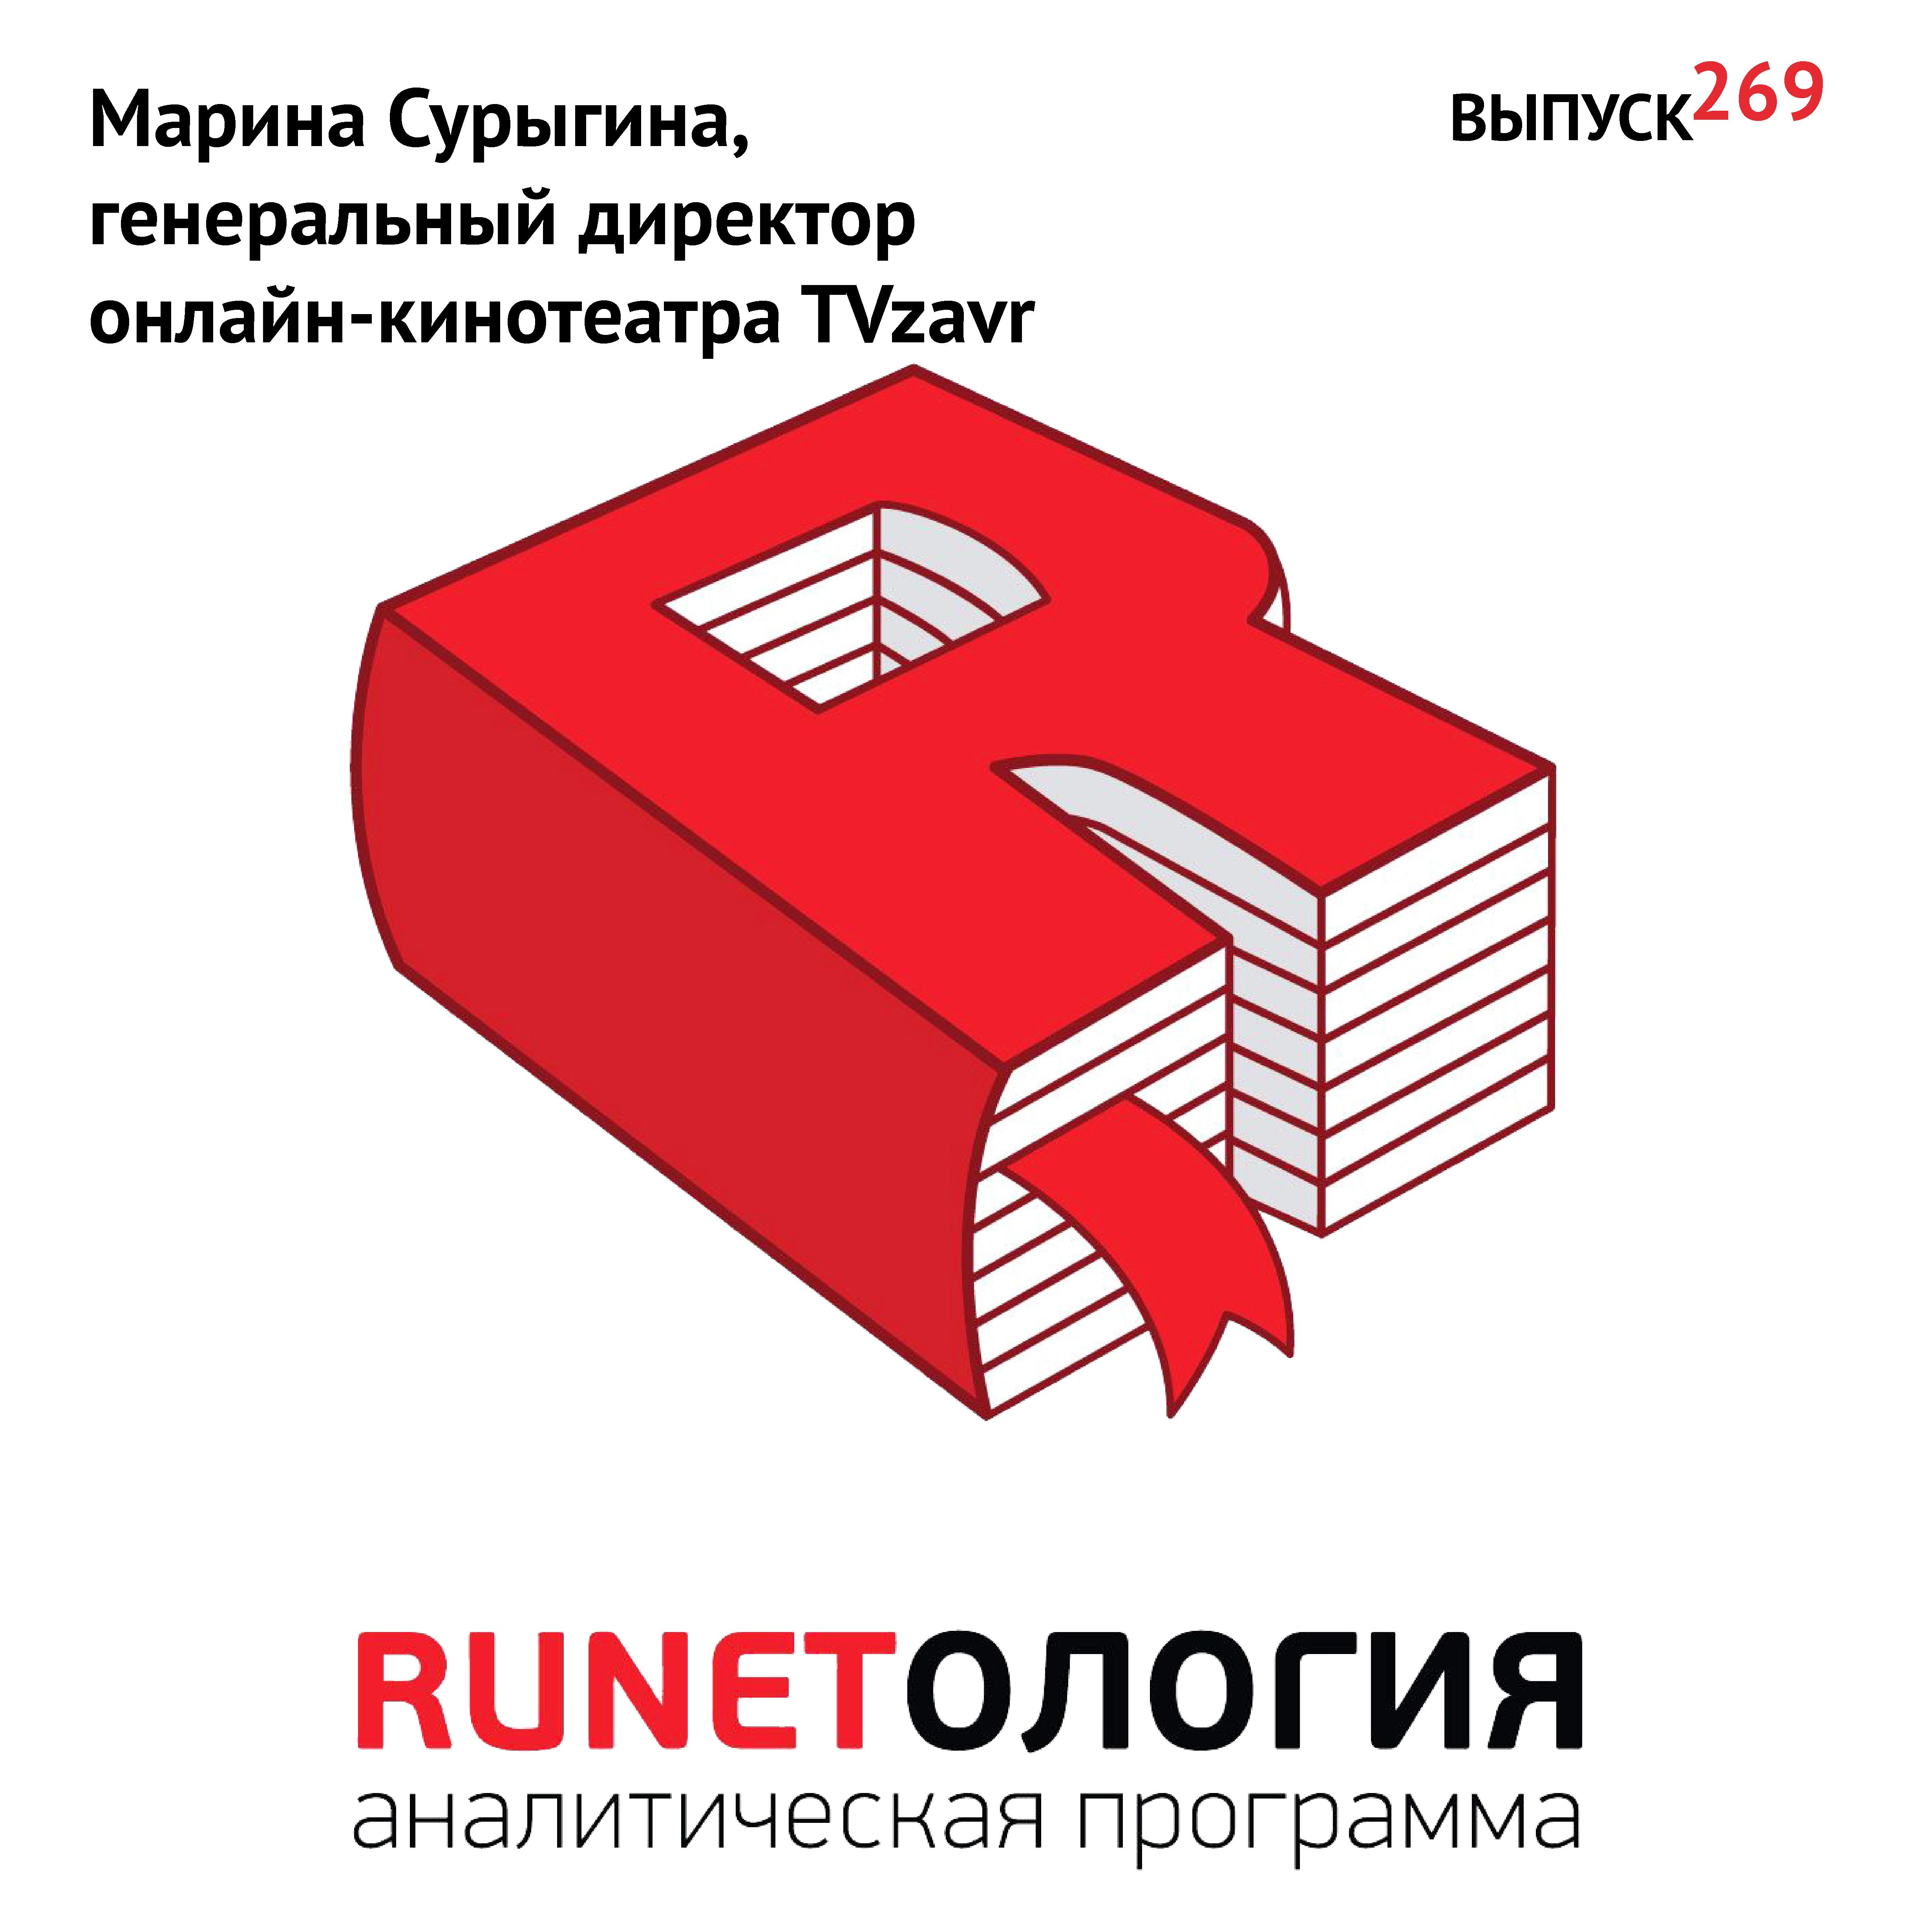 Максим Спиридонов Марина Сурыгина, генеральный директор онлайн-кинотеатра TVzavr видео с веб камер онлайн